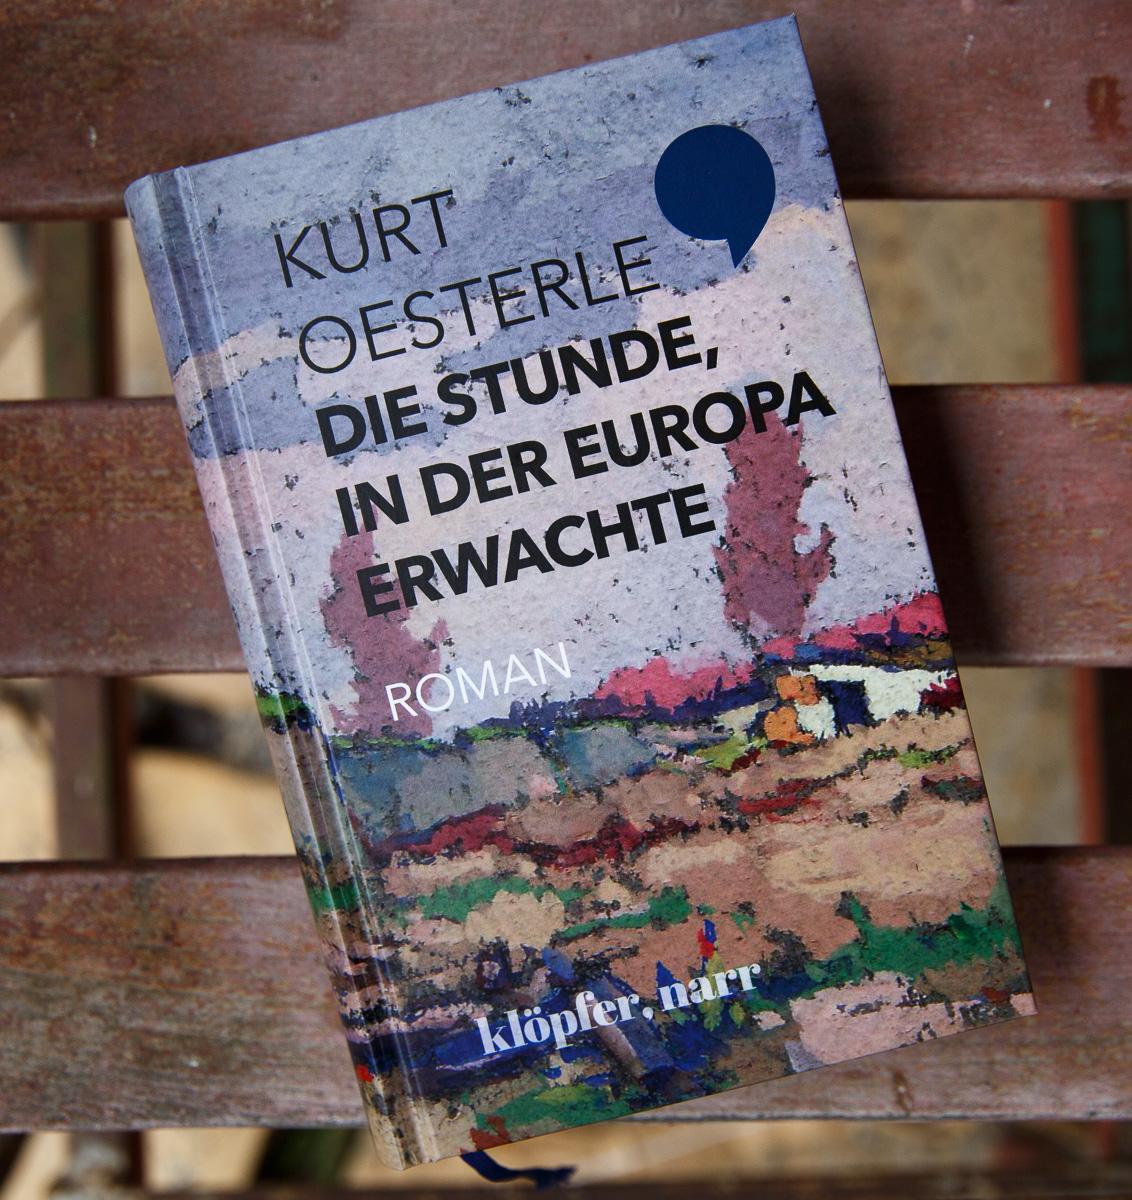 Kurt Oesterle: Die Stunde, in der Europa erwachte, Klöpfer, Narr, Tübingen 2019